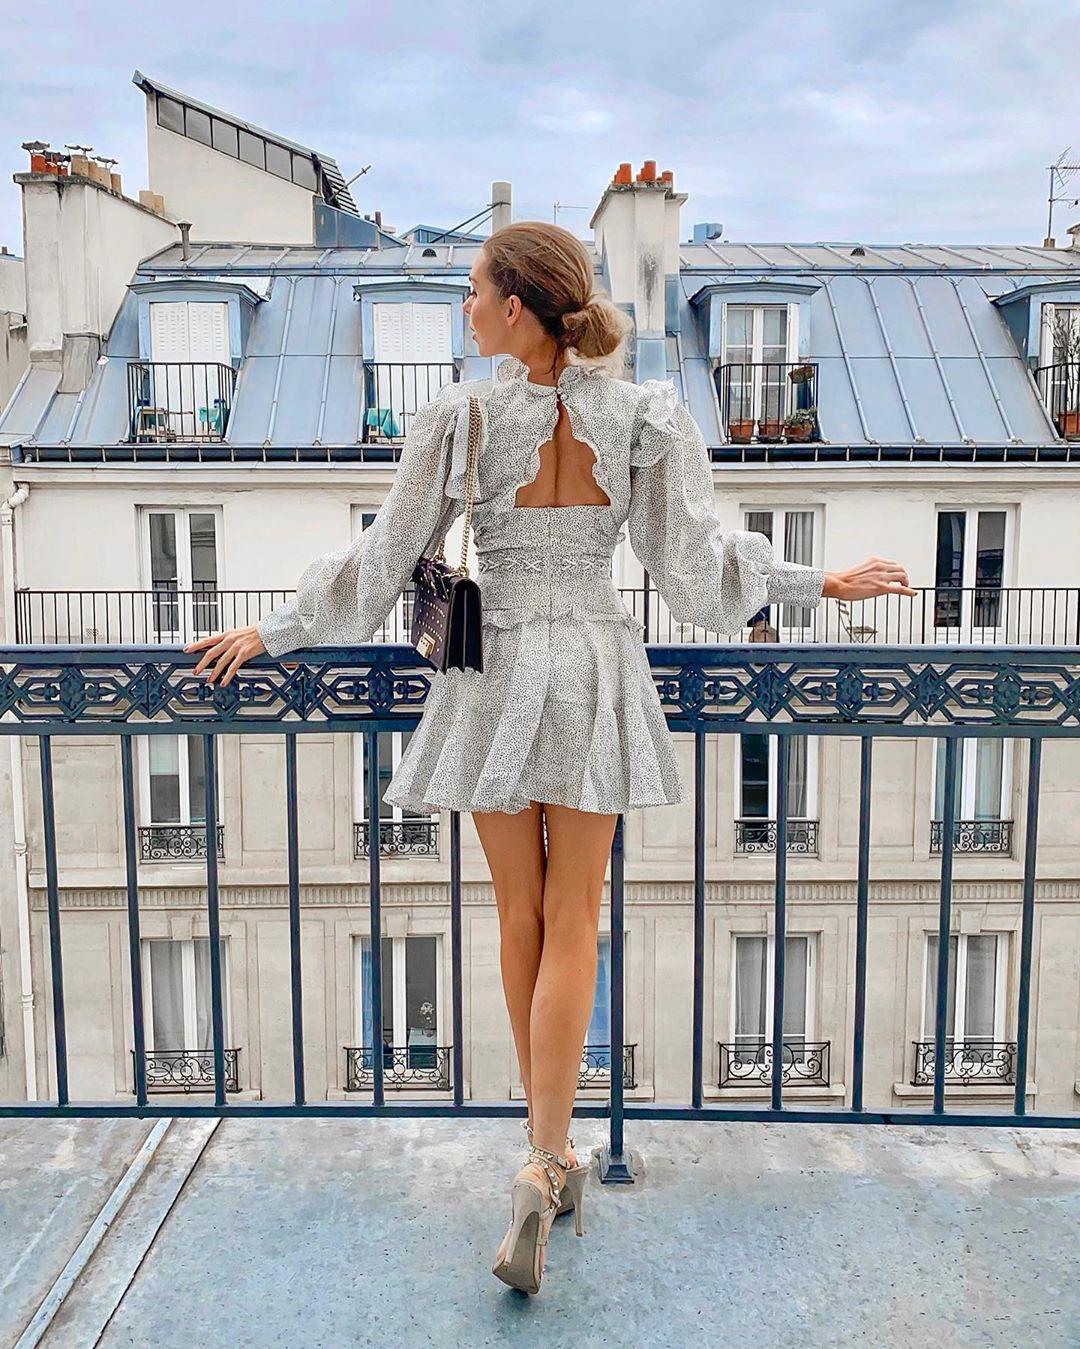 Le Sénat Hôtel Paris , Senat hotel paris, hotel paris review, paris, hotel review, where to stay in Paris, Paris fashion blogger, what to wear in Paris